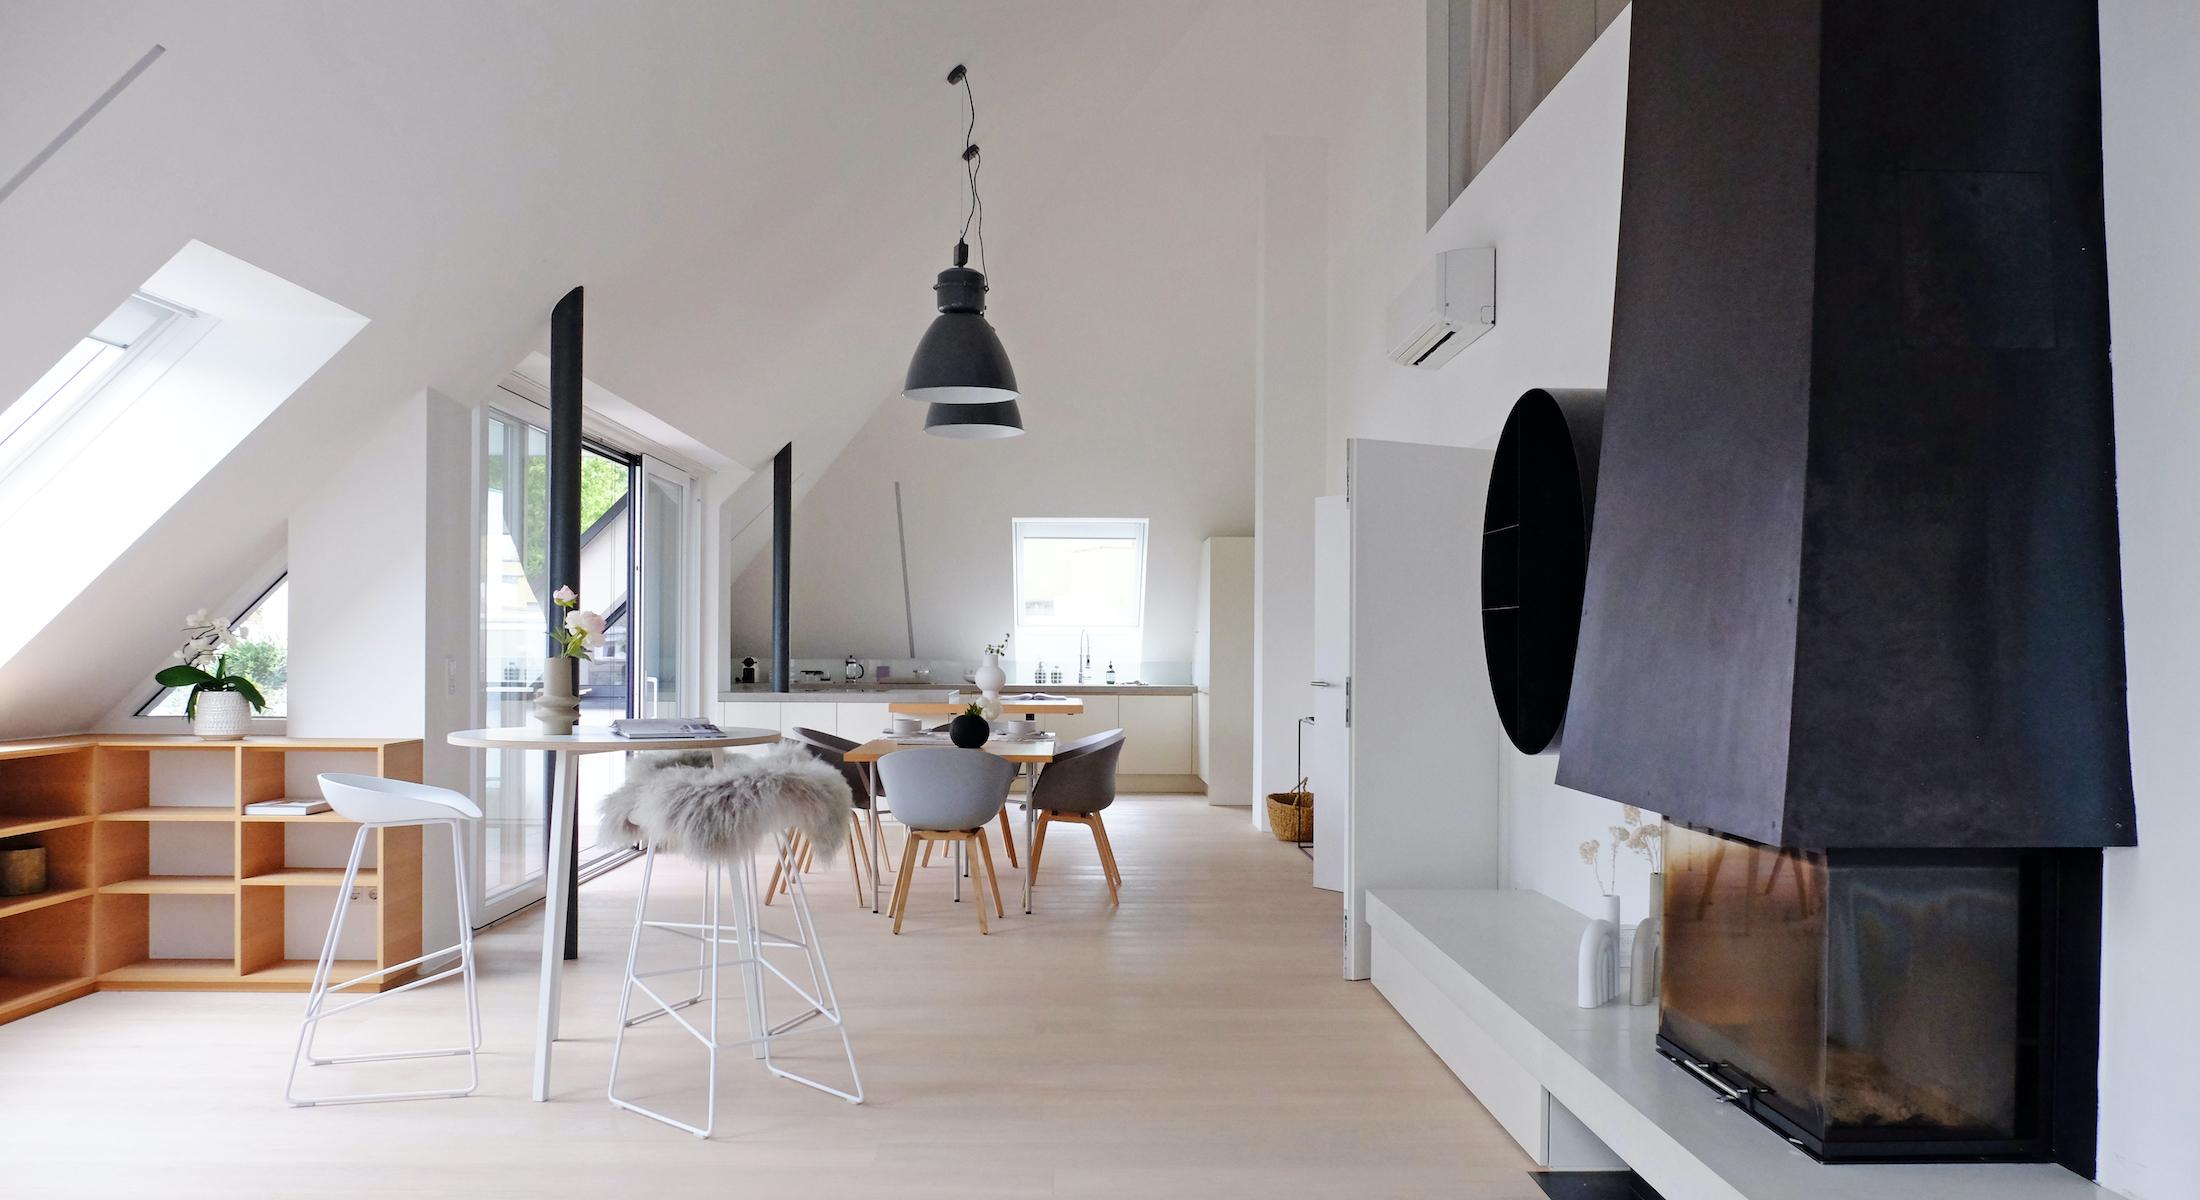 Bild ohne Text: Home Staging eines 180 m2 großen Apartments im Loftstyle